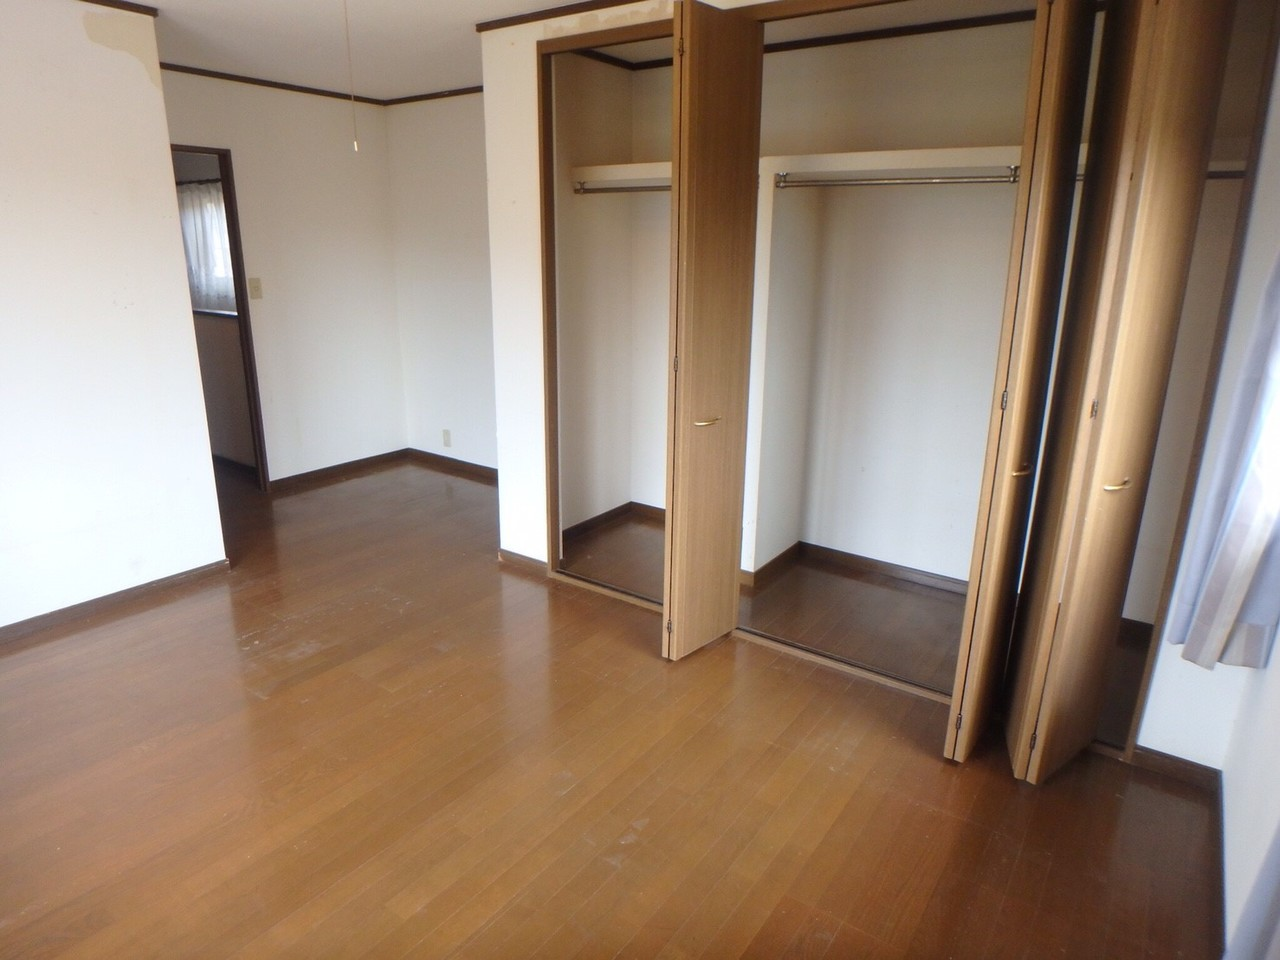 9.5帖ある洋室は、広々としています。 大きなクローゼットも嬉しいですね。